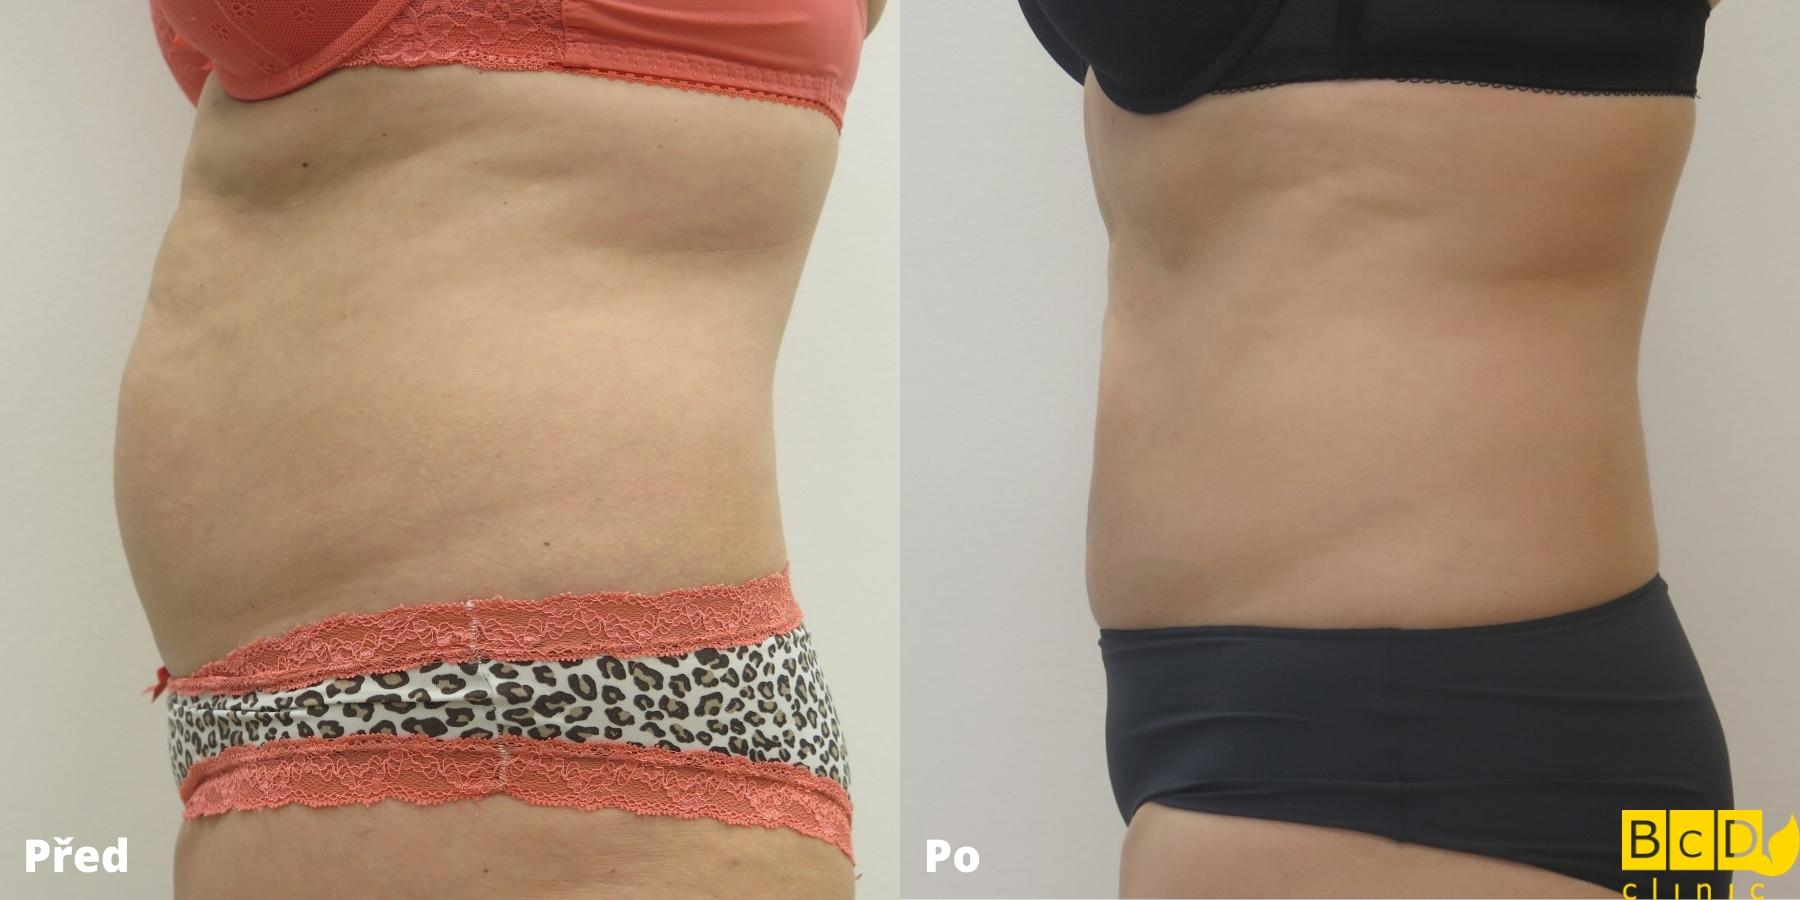 Laserová tumescentní liposukce – PŘED A PO ZÁKROKU